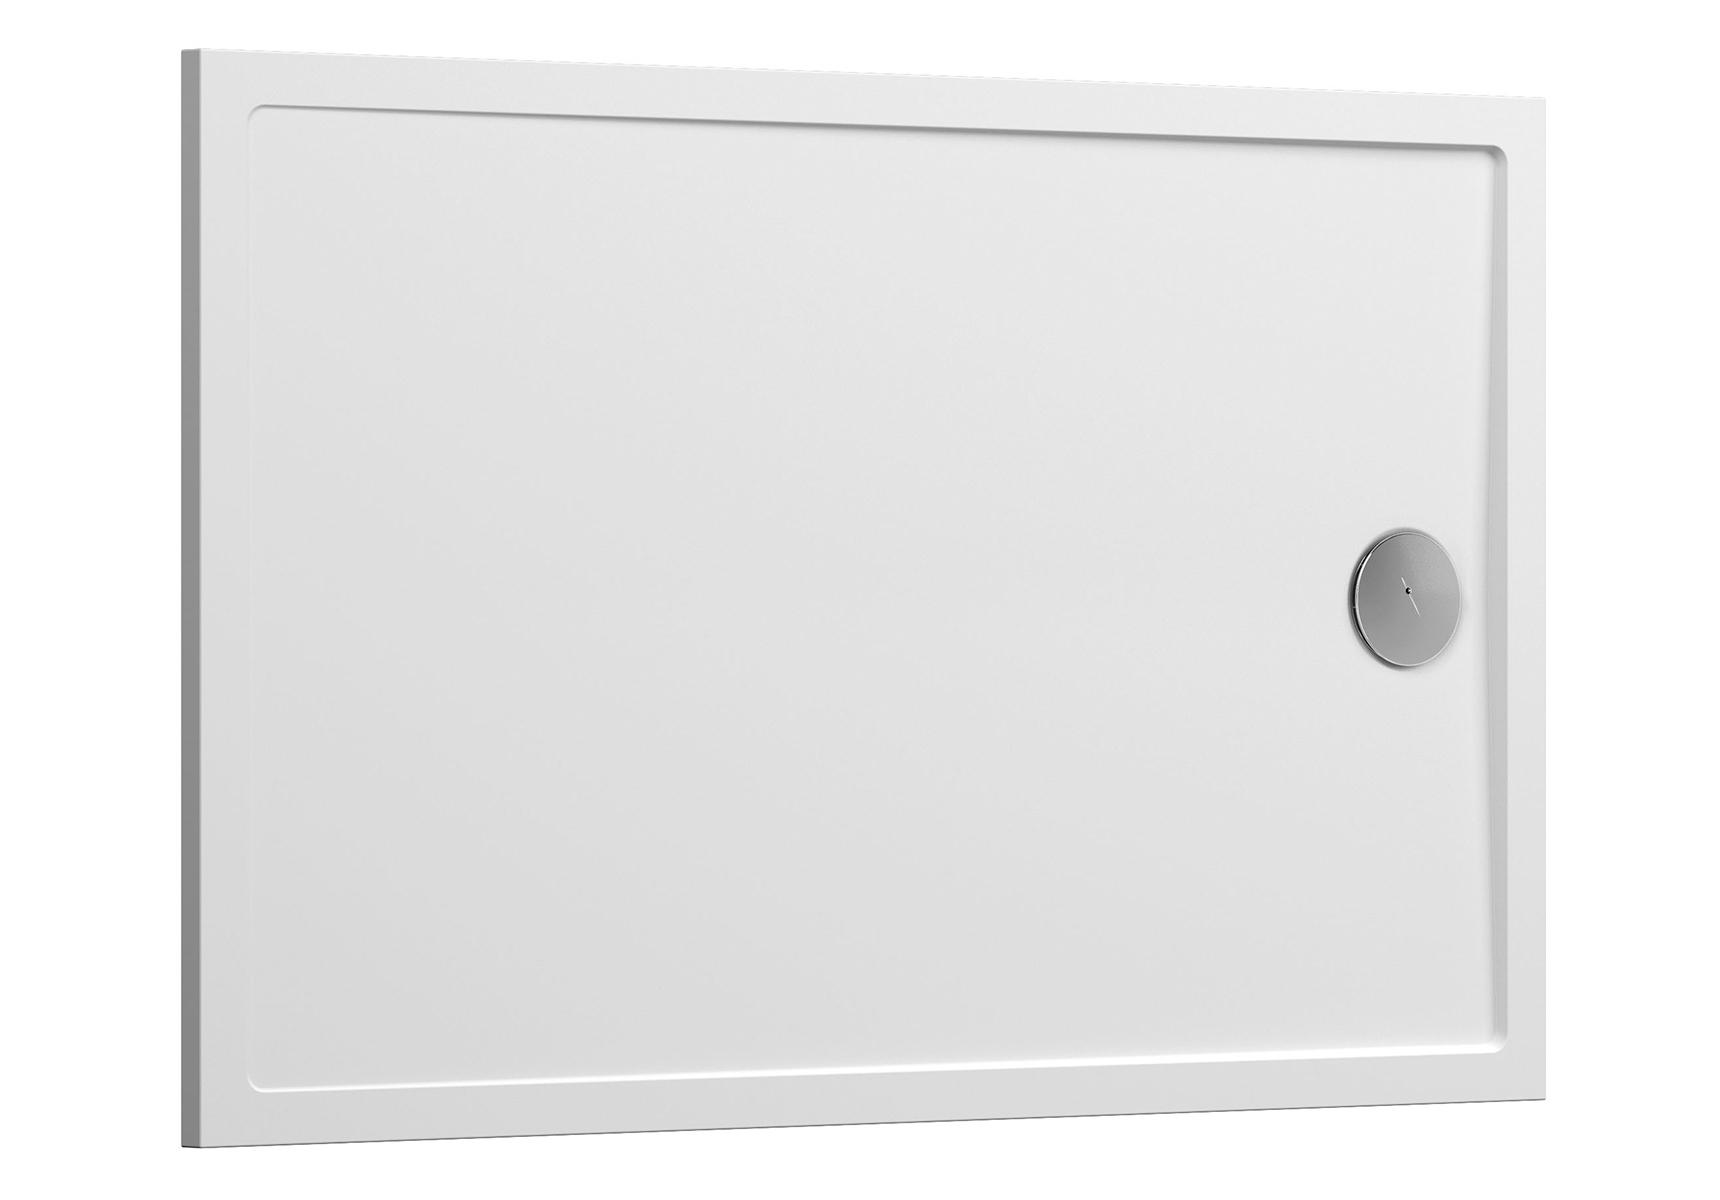 Aruna receveur ultra plat, 100  x  80 cm, à poser ou à encastrer, en pierre m³ solide